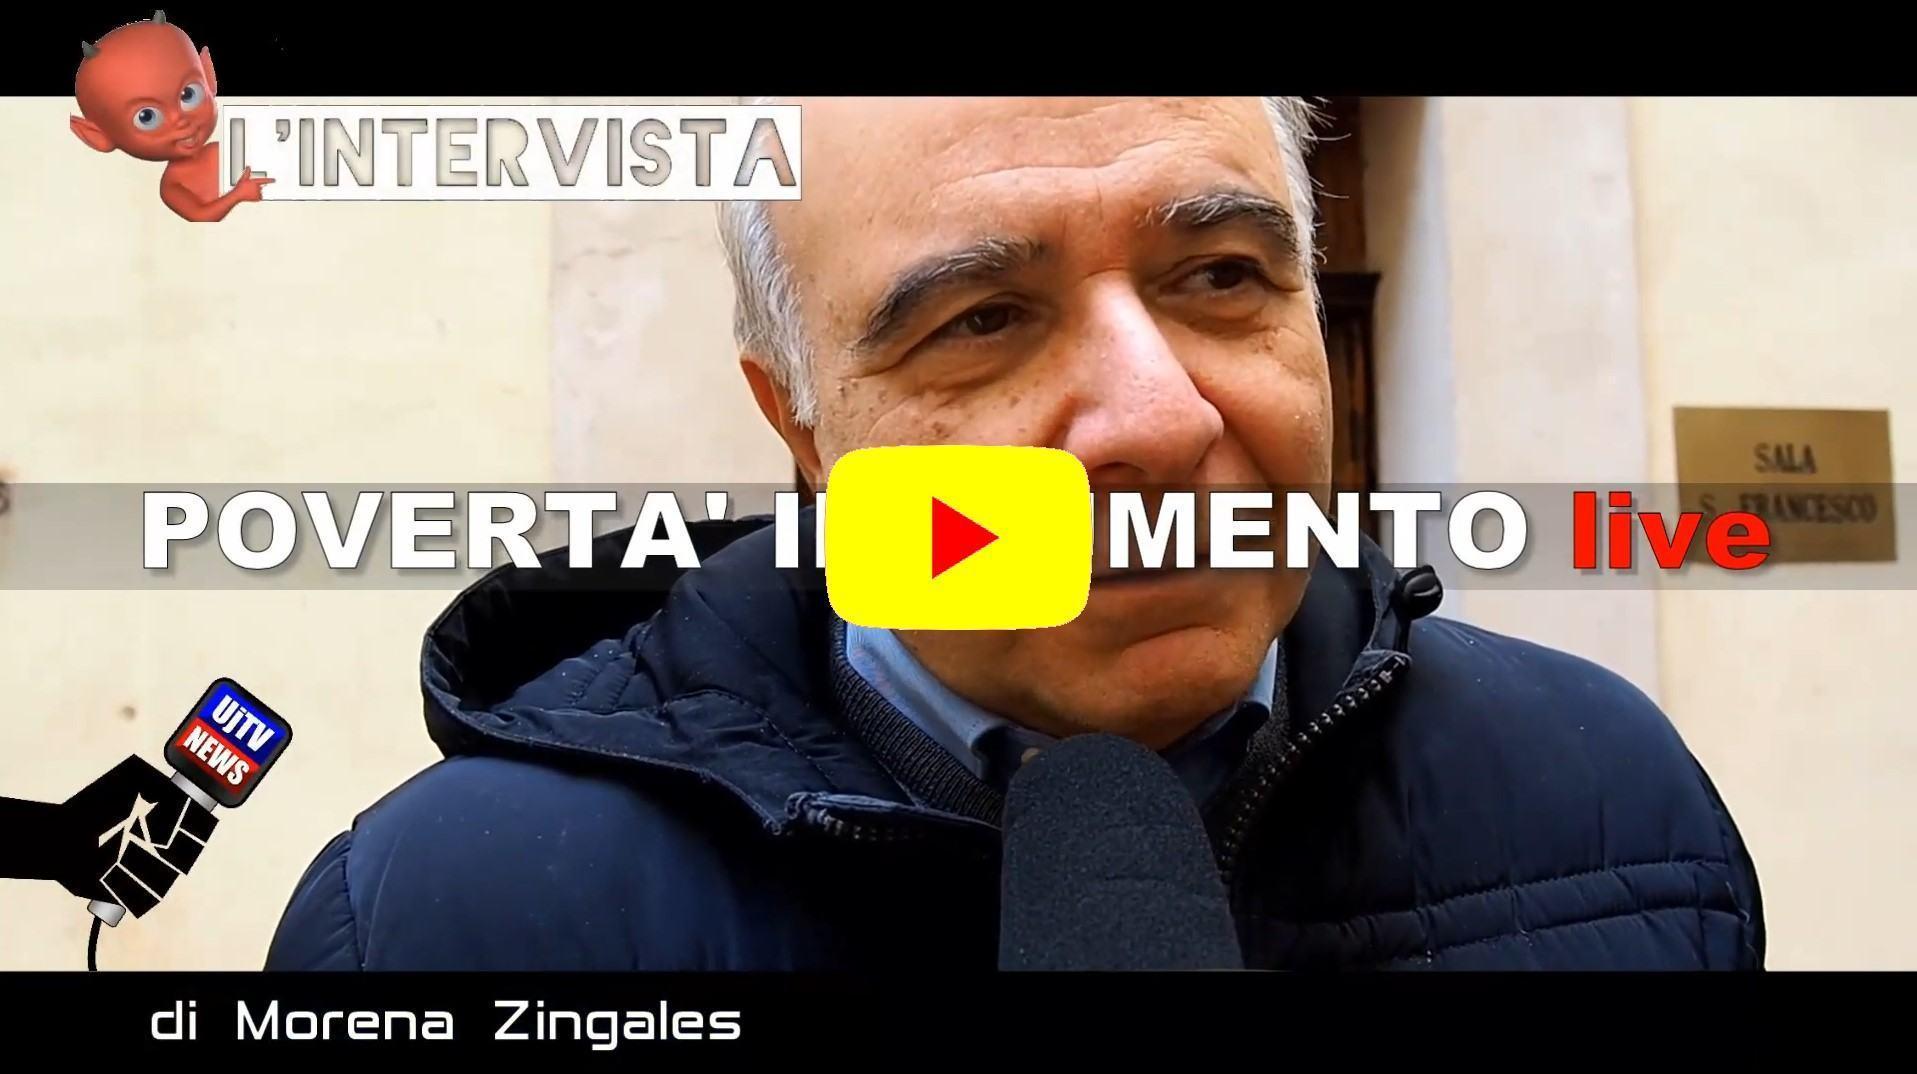 Oltre 50 mila famiglie in povertà, intervista a Marcello Rinaldi, Caritas